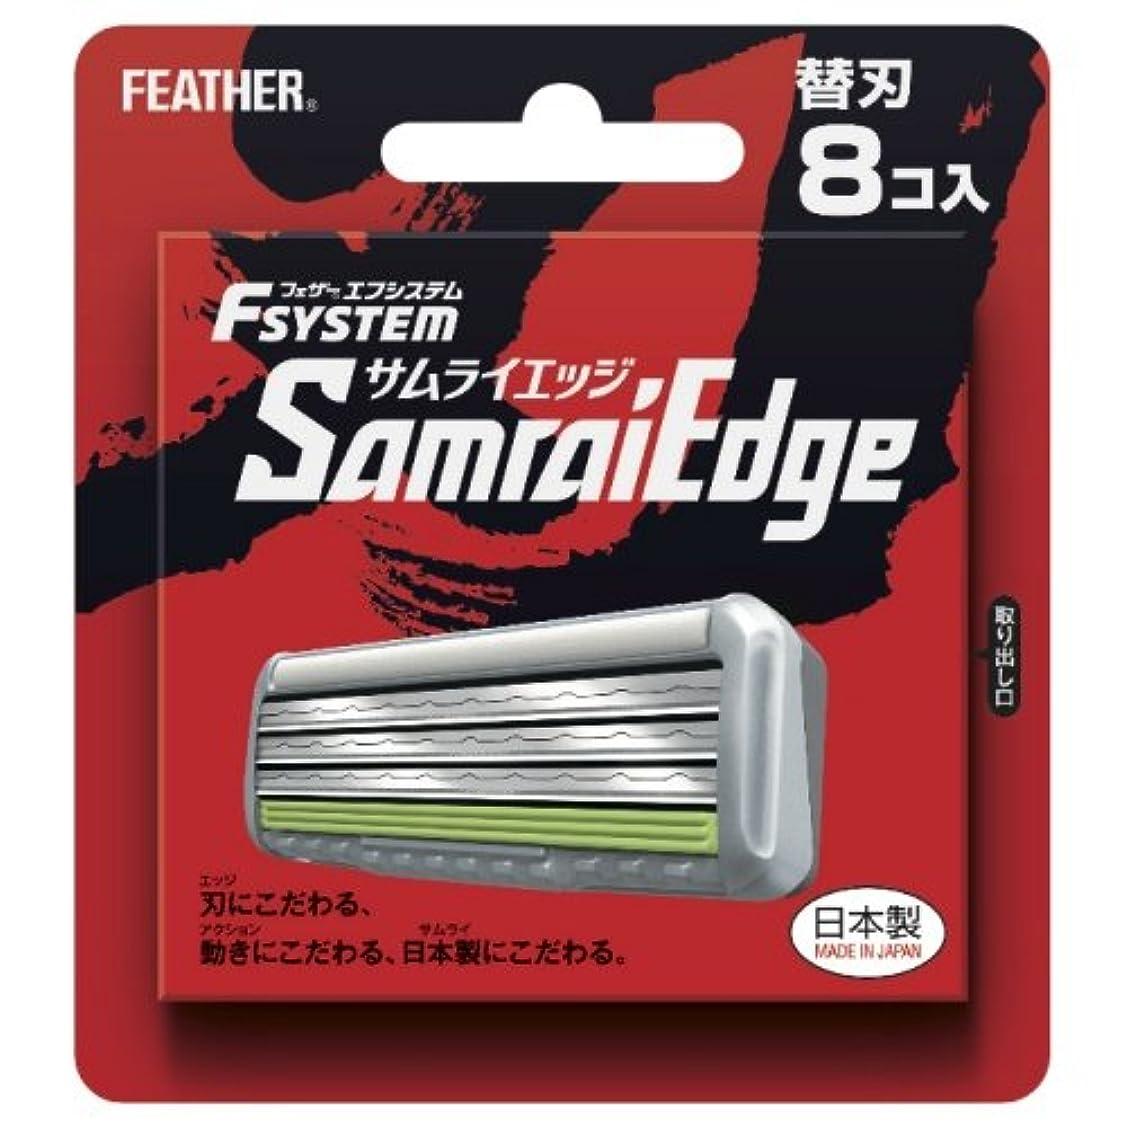 肘マグ公平なフェザー エフシステム 替刃 サムライエッジ 8コ入 (日本製)